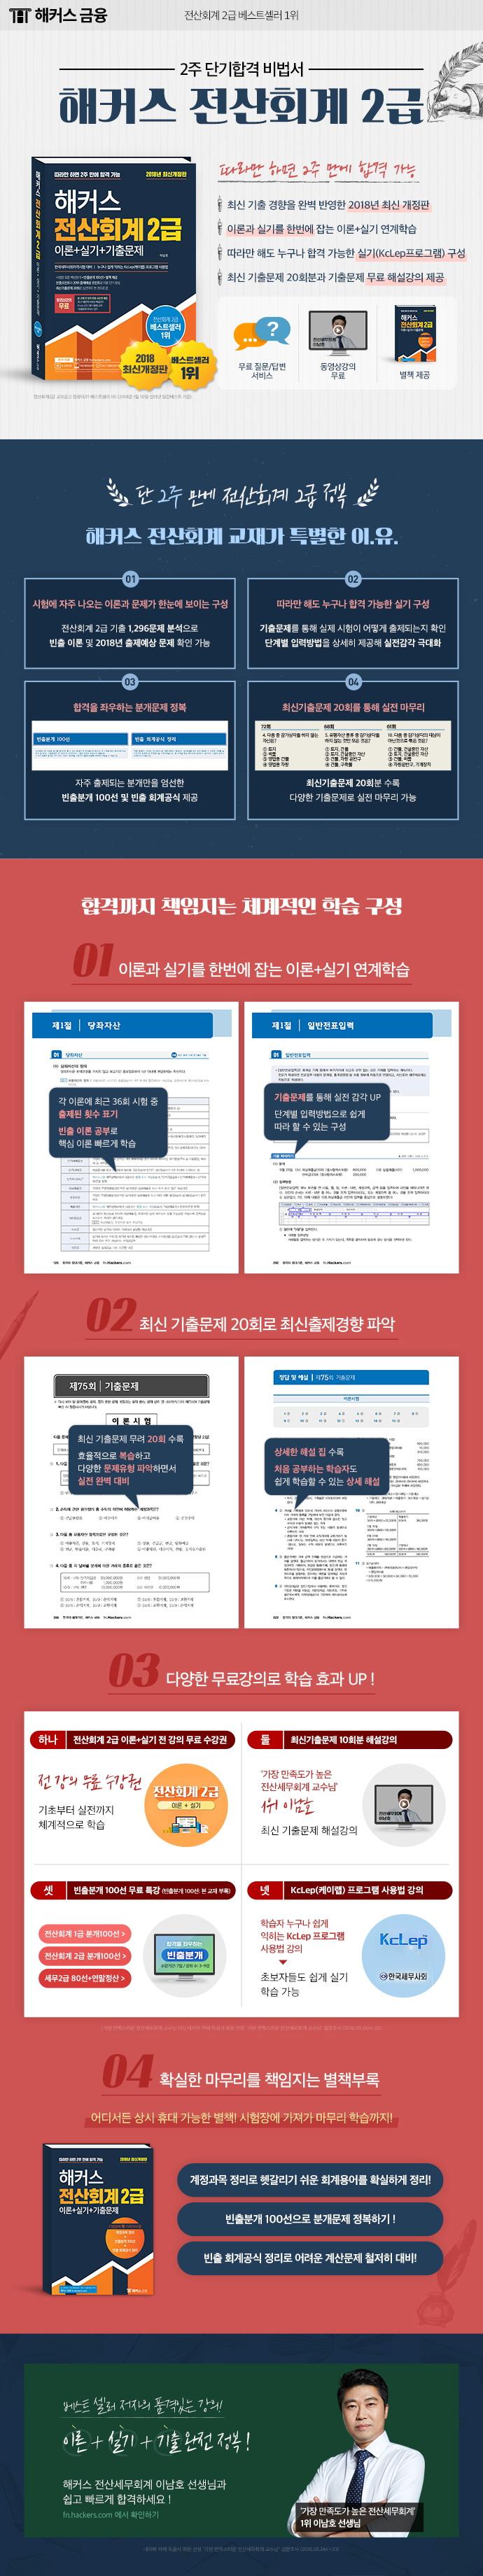 전산회계 2급 이론 실기 기출문제(2018)(해커스) 도서 상세이미지